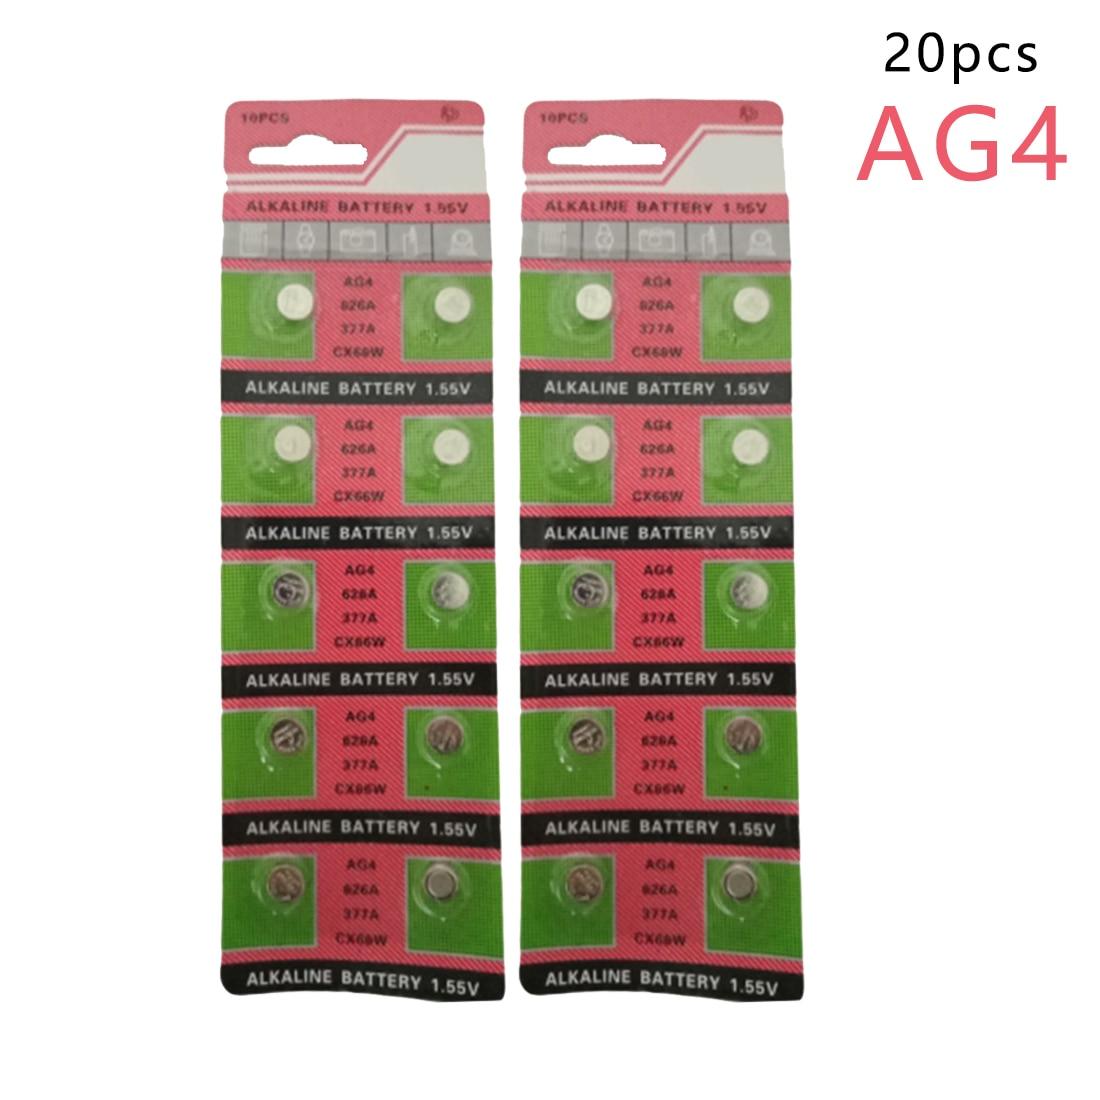 Centechia 20 PCS Wholesale AG4 377A 377 LR626 SR626SW SR66 LR66 button cell Watch Coin Battery accell replacement 1 5v 26mah ag4 lr626 377 sr626 177 button batteries 10 pcs